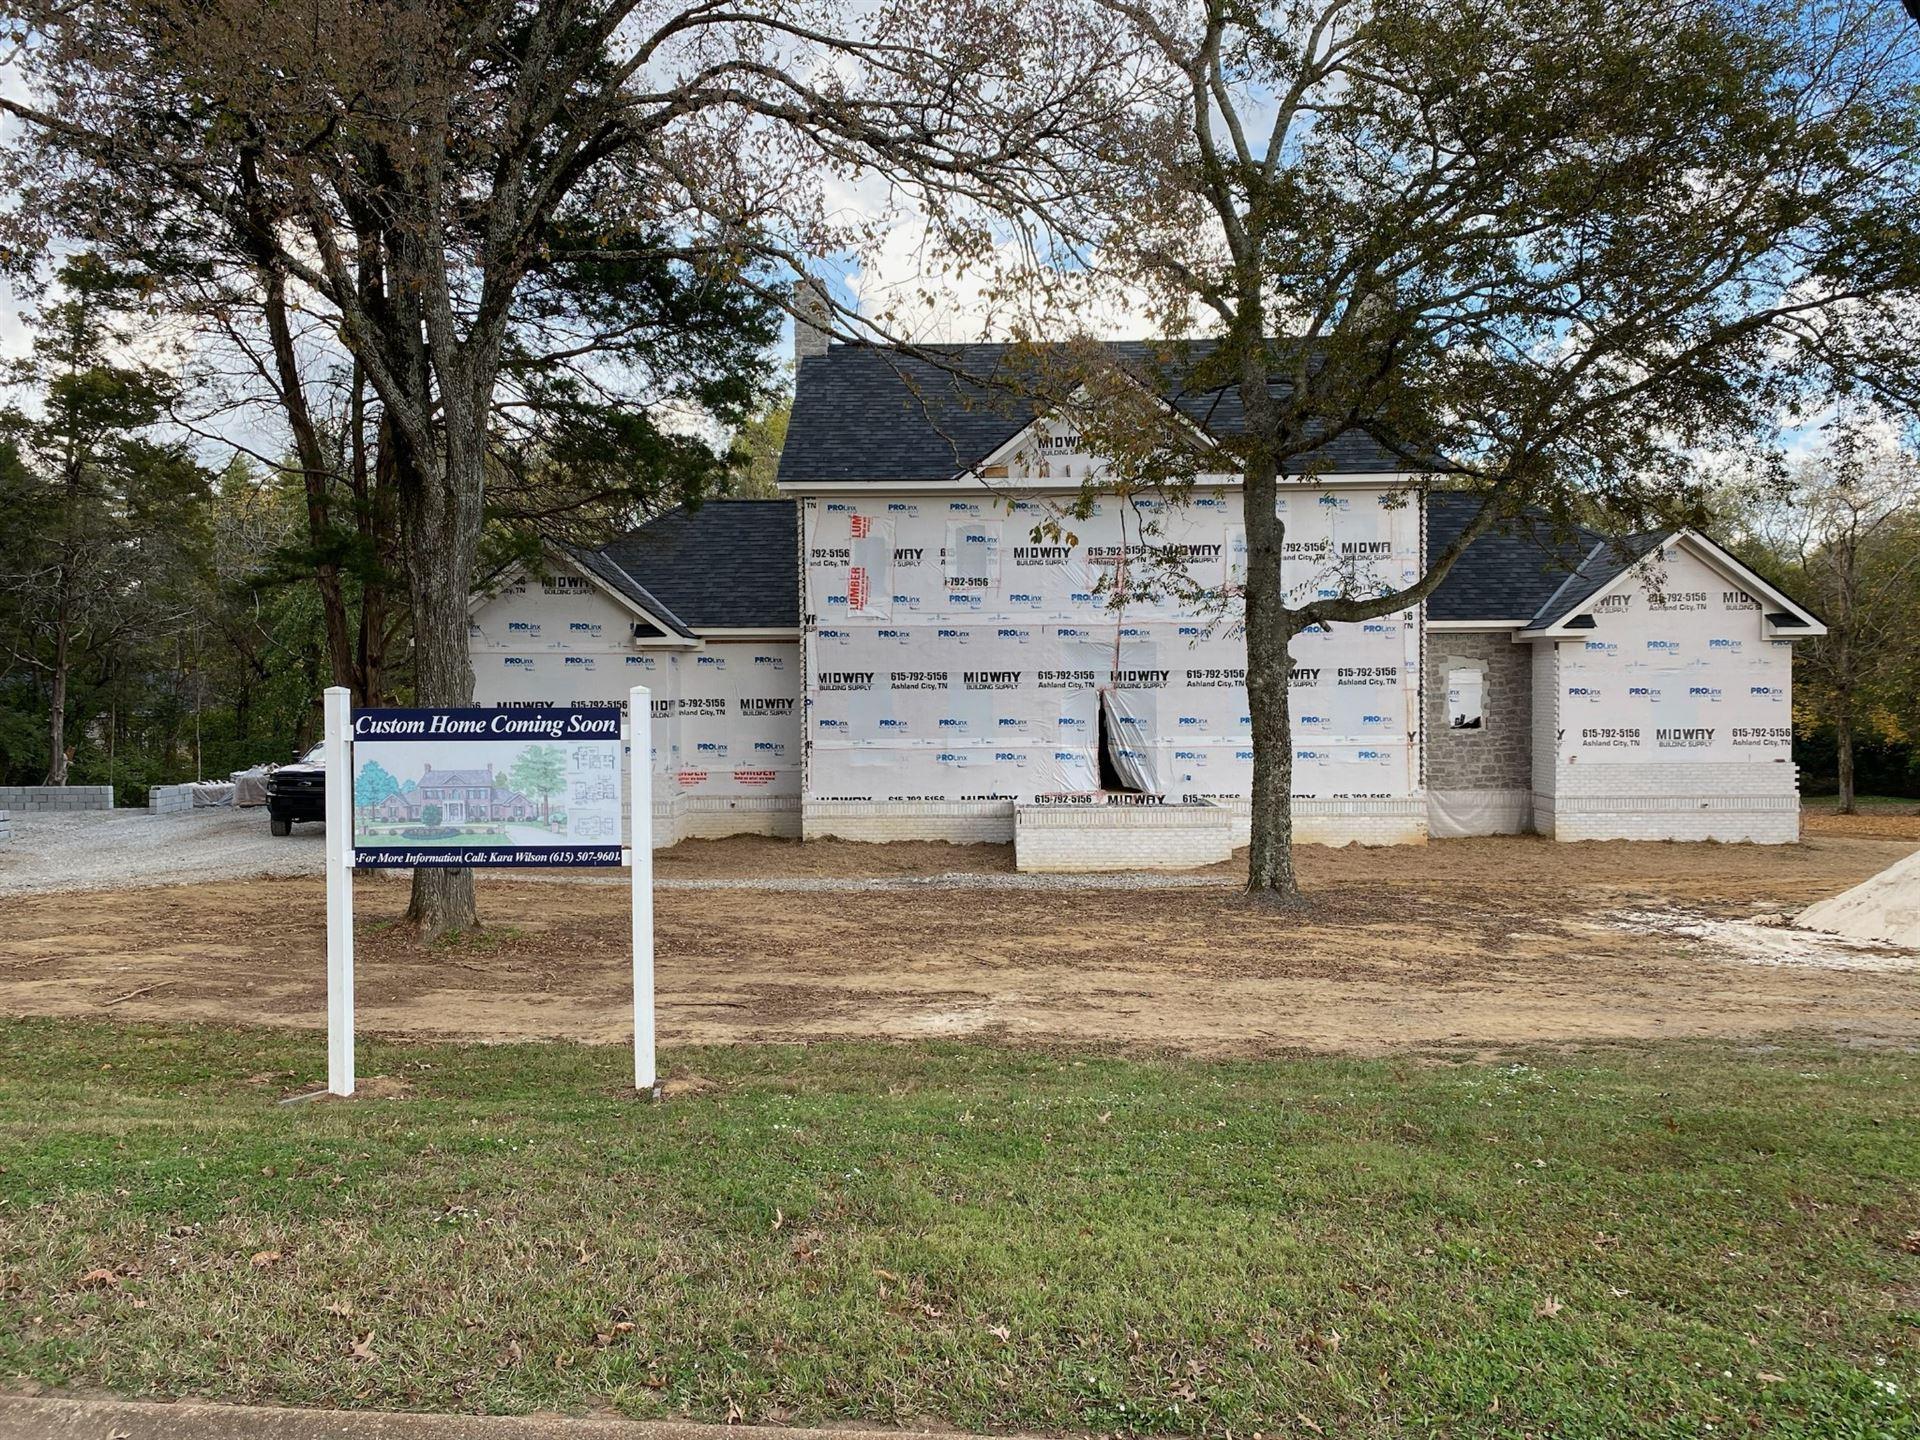 5900 River Oaks Rd, Brentwood, TN 37027 - MLS#: 2161685